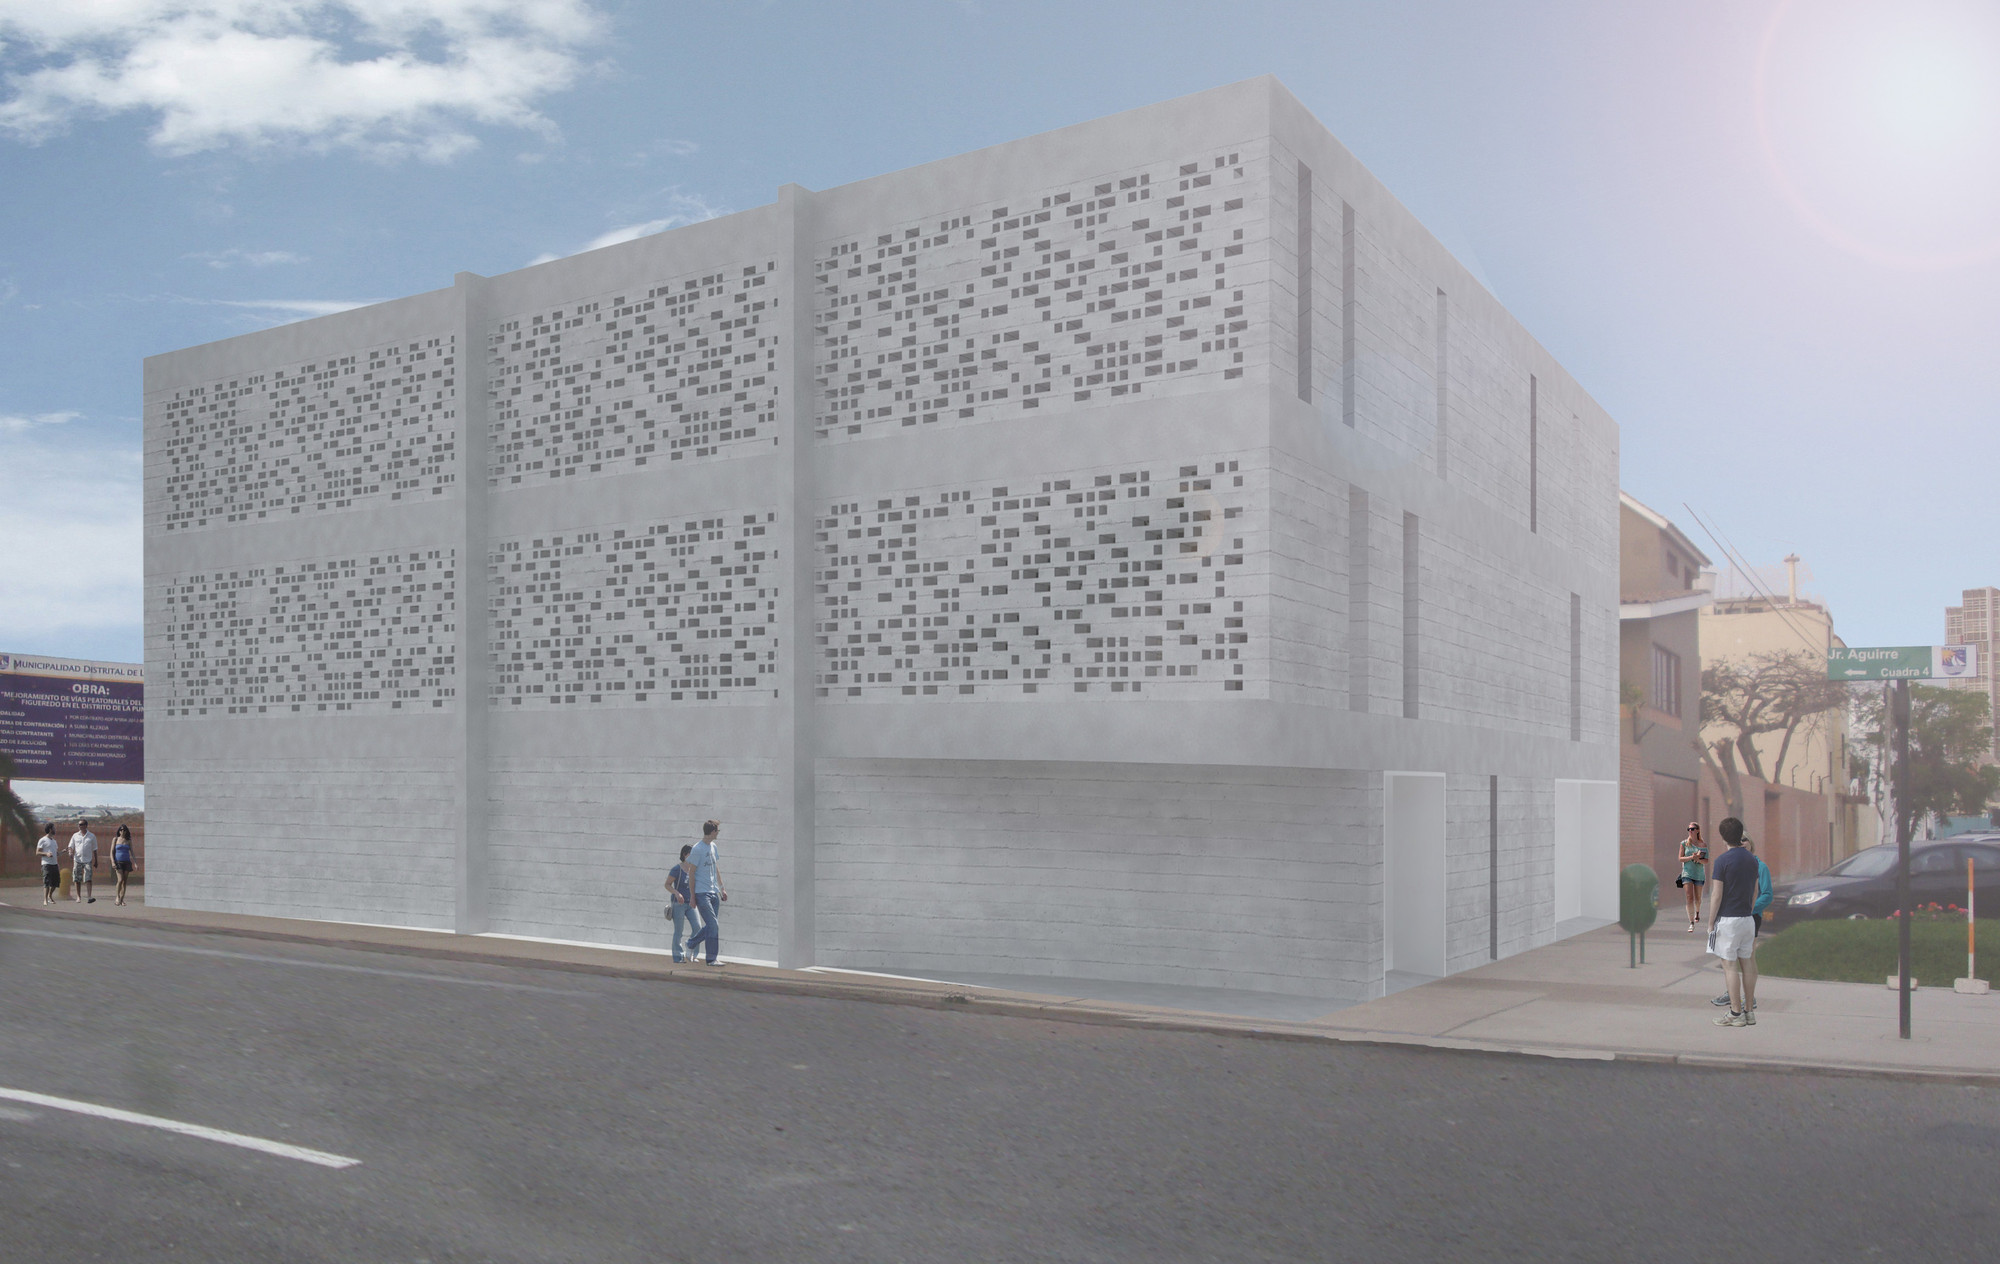 Primer Lugar Concurso de Proyectos Arquitectónicos Para las Regiónes de Lima y Callao, Perú, Imagen Principal. Image Courtesy of Seinfeld Arquitectos